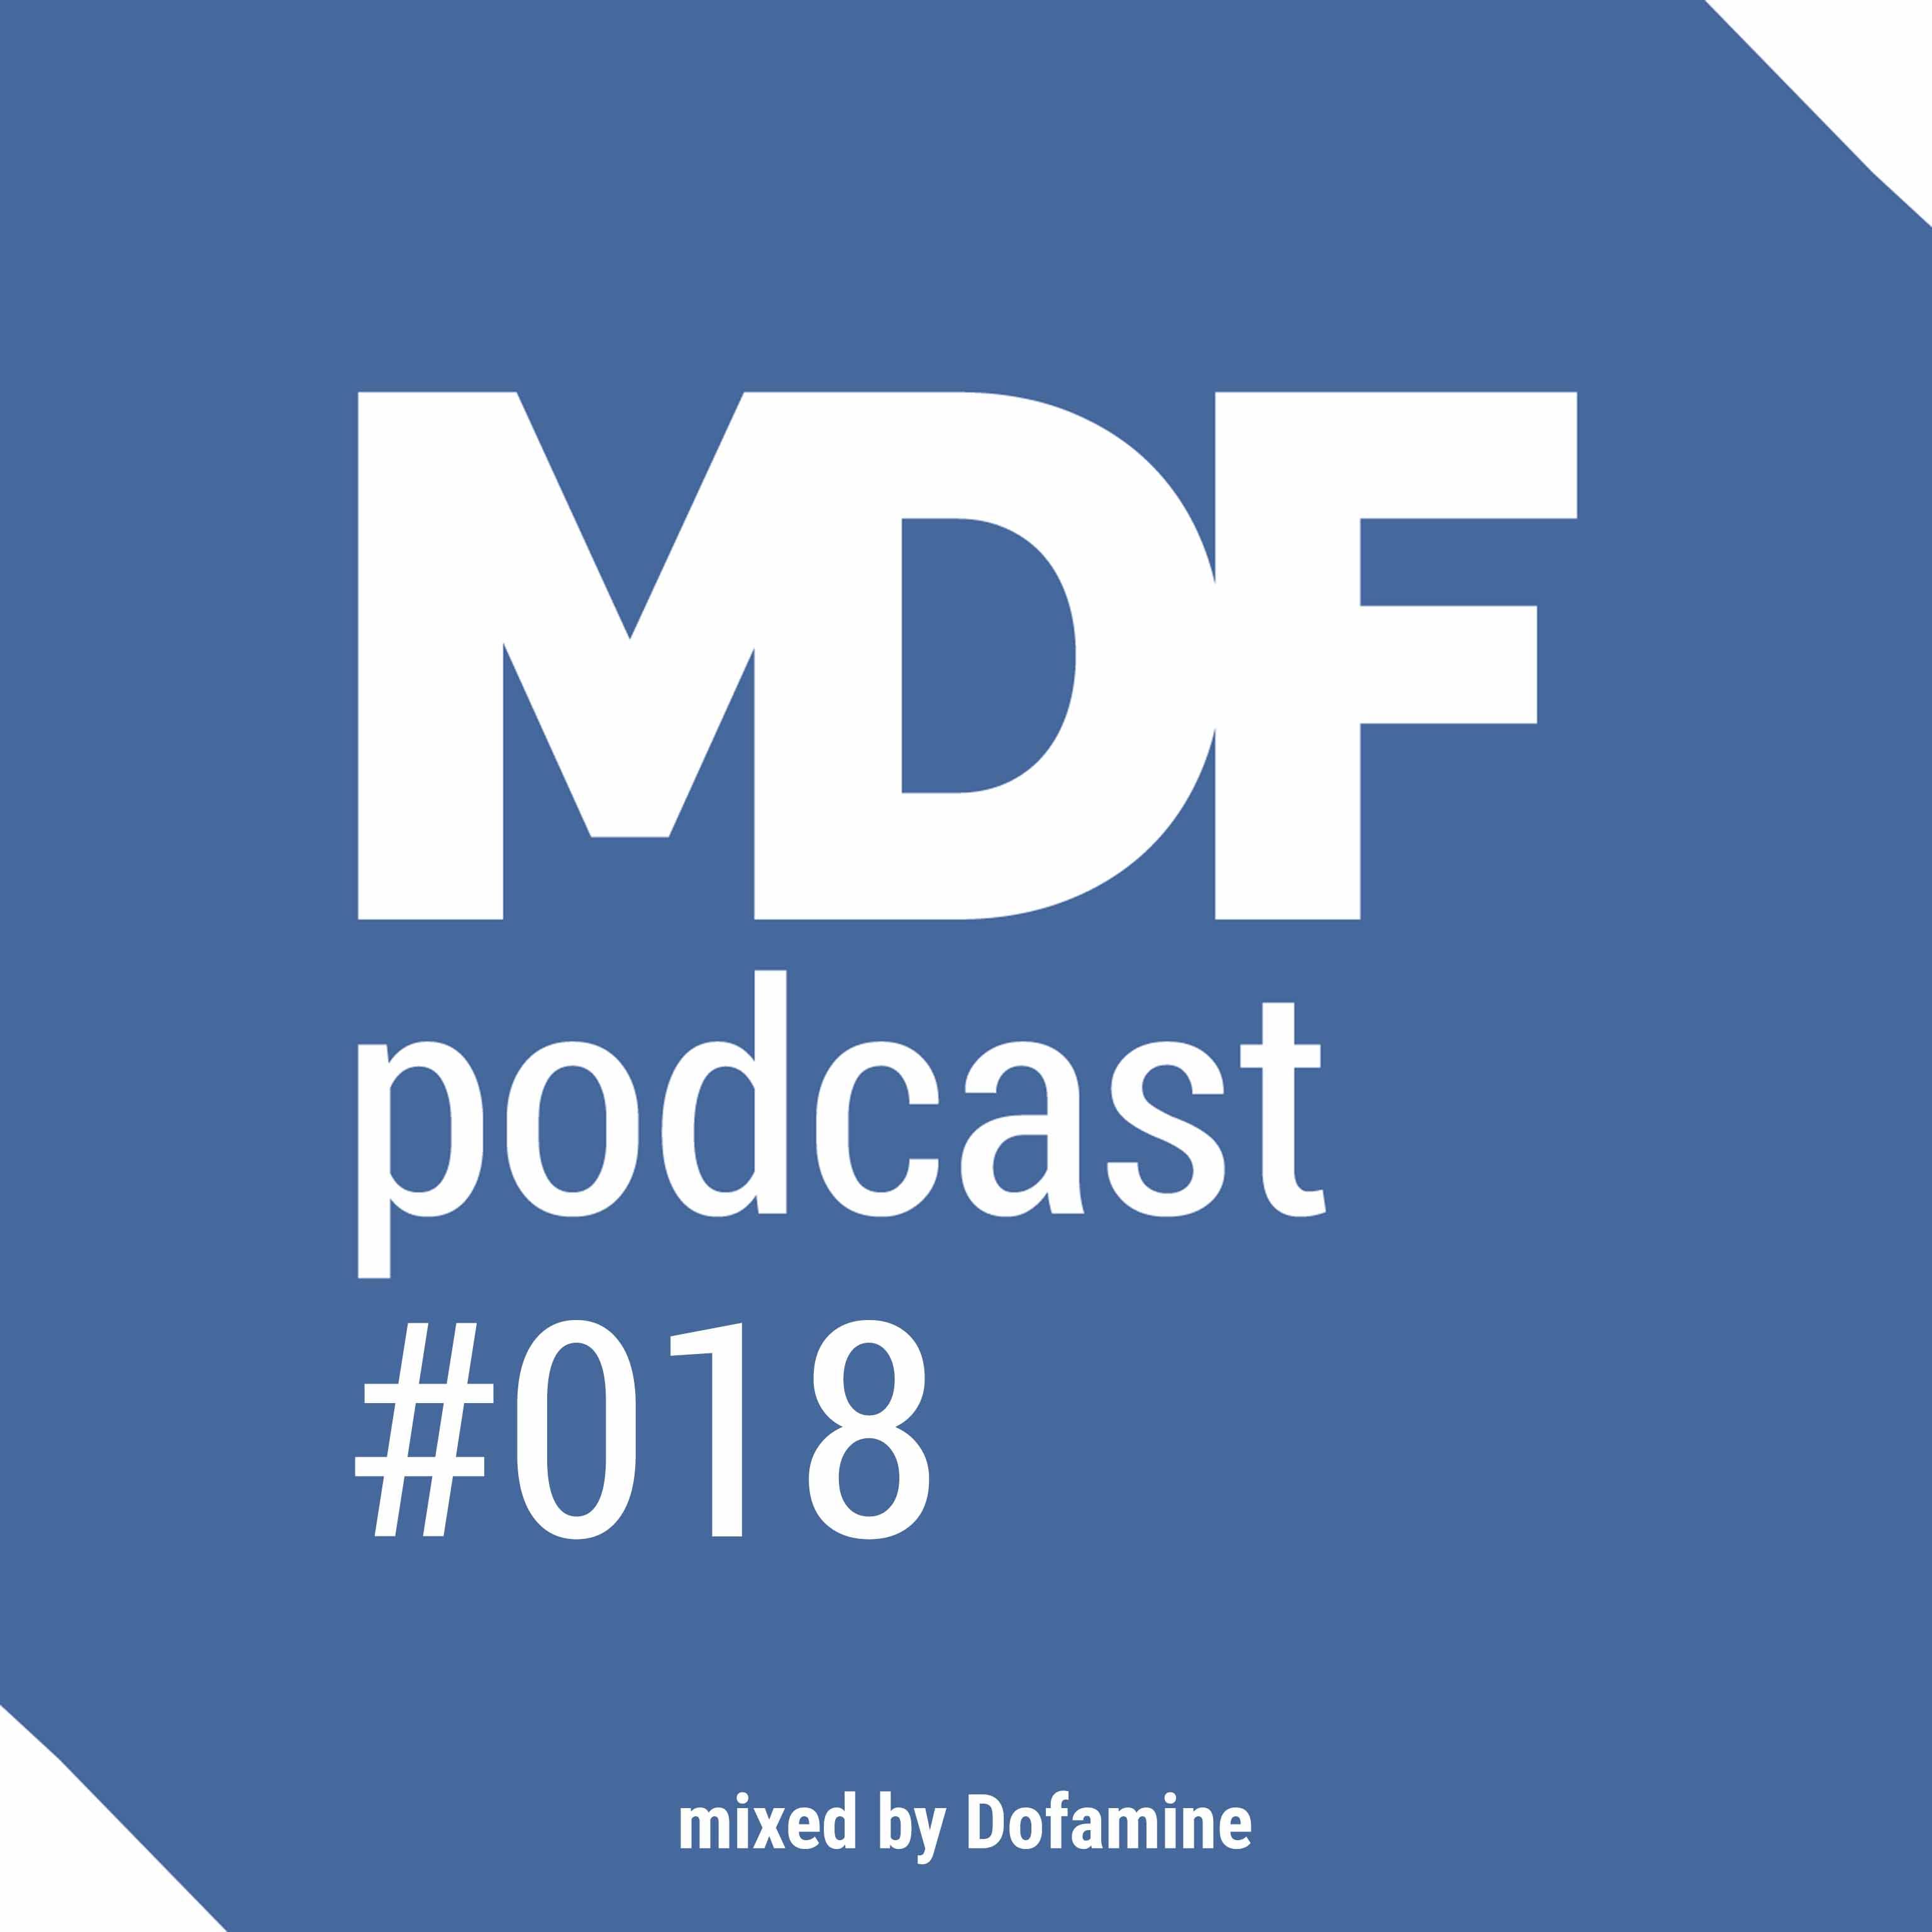 MDF Podcast o18